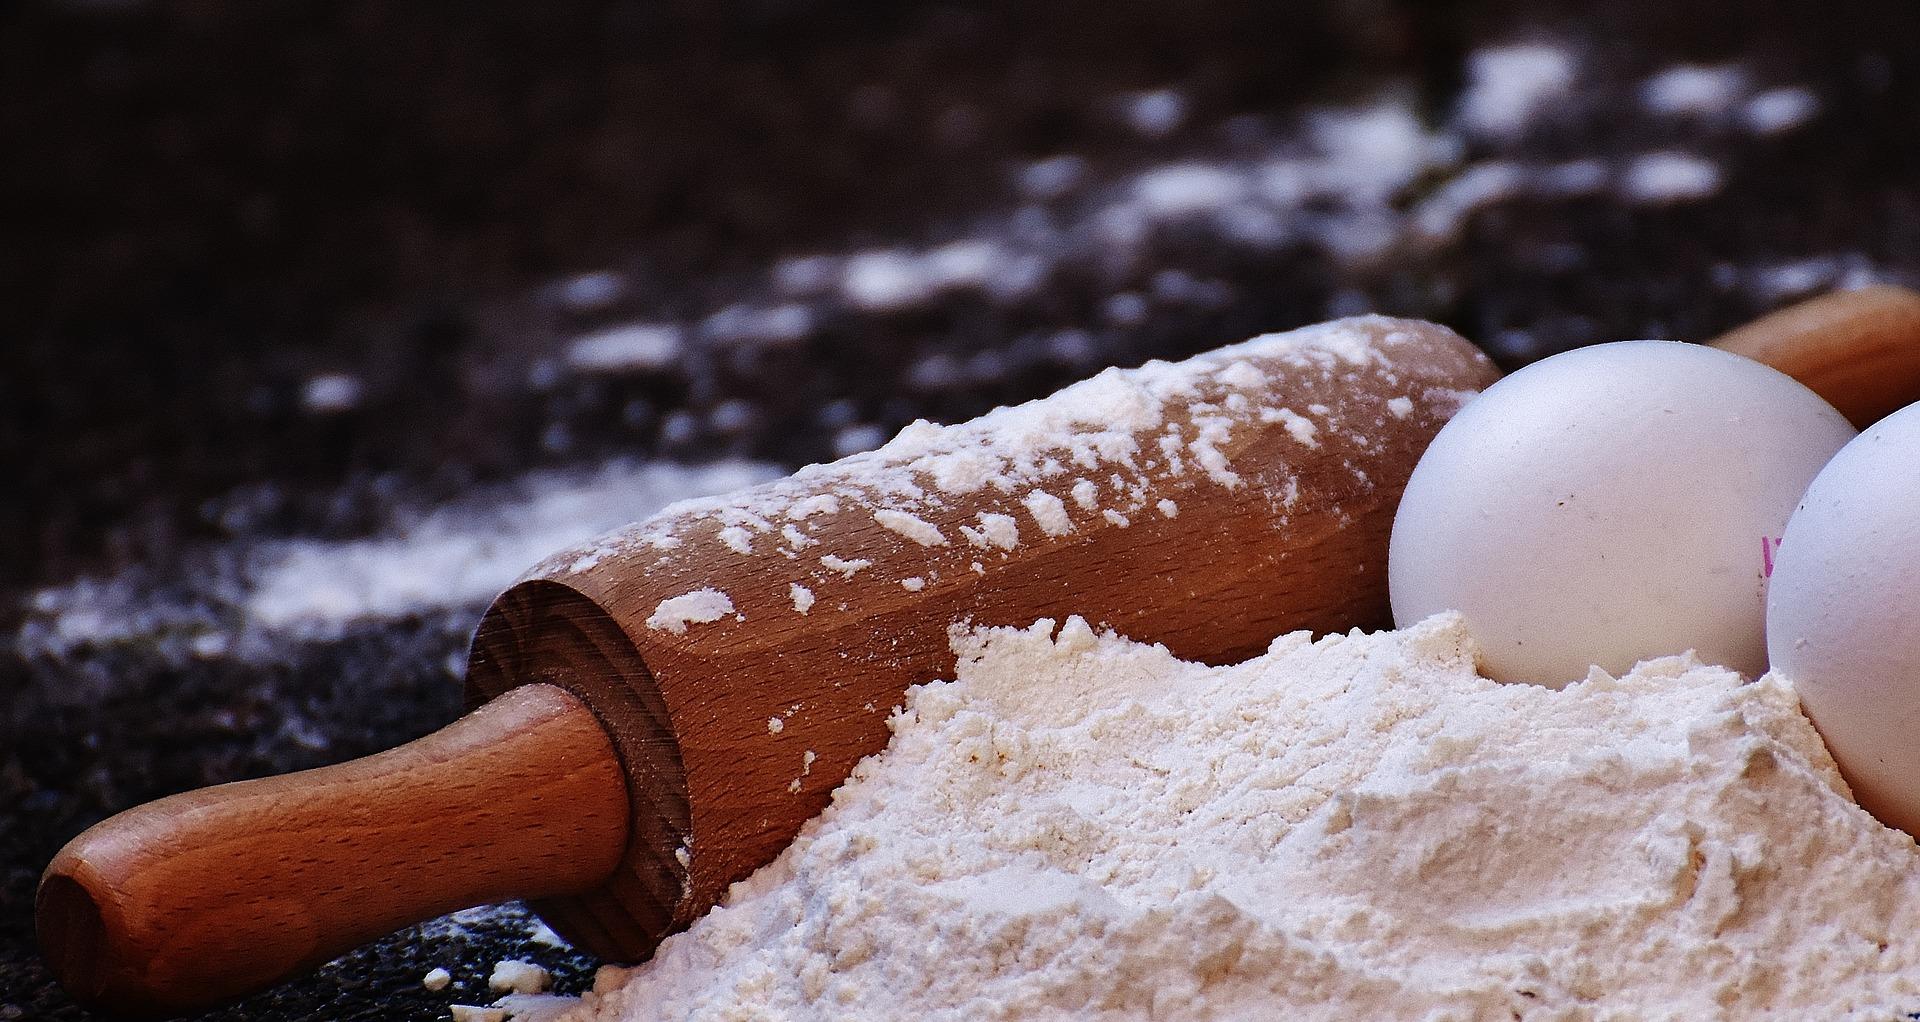 Huevos y harina, imprescindibles en pastelería